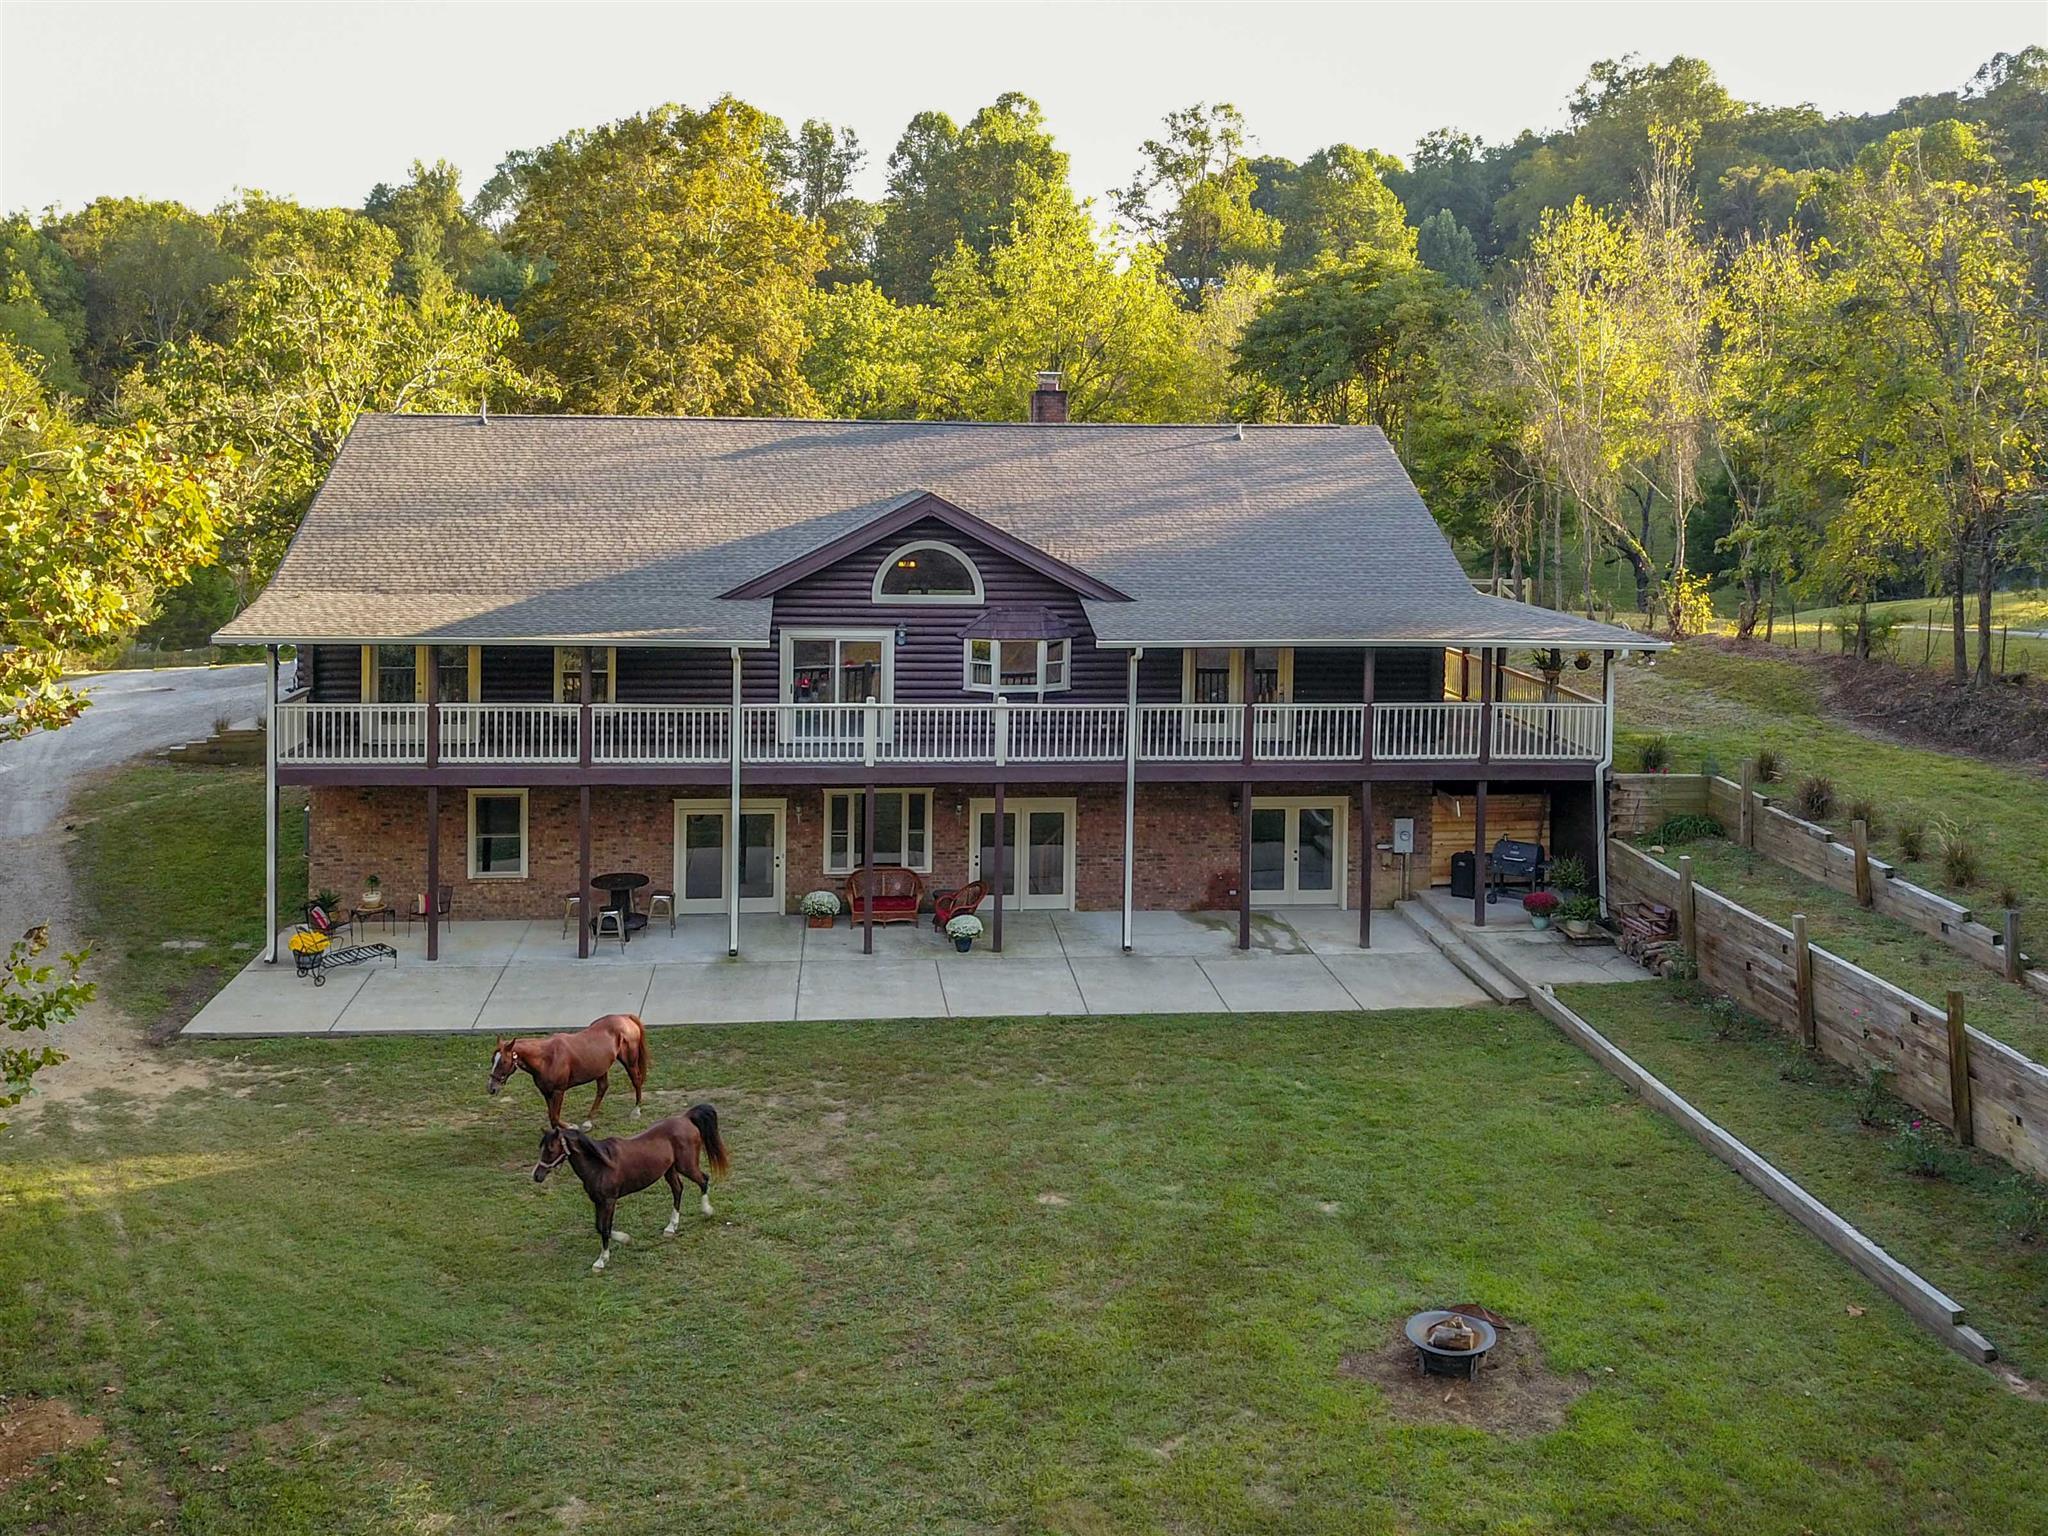 1615 Shell Rd, Goodlettsville, TN 37072 - Goodlettsville, TN real estate listing